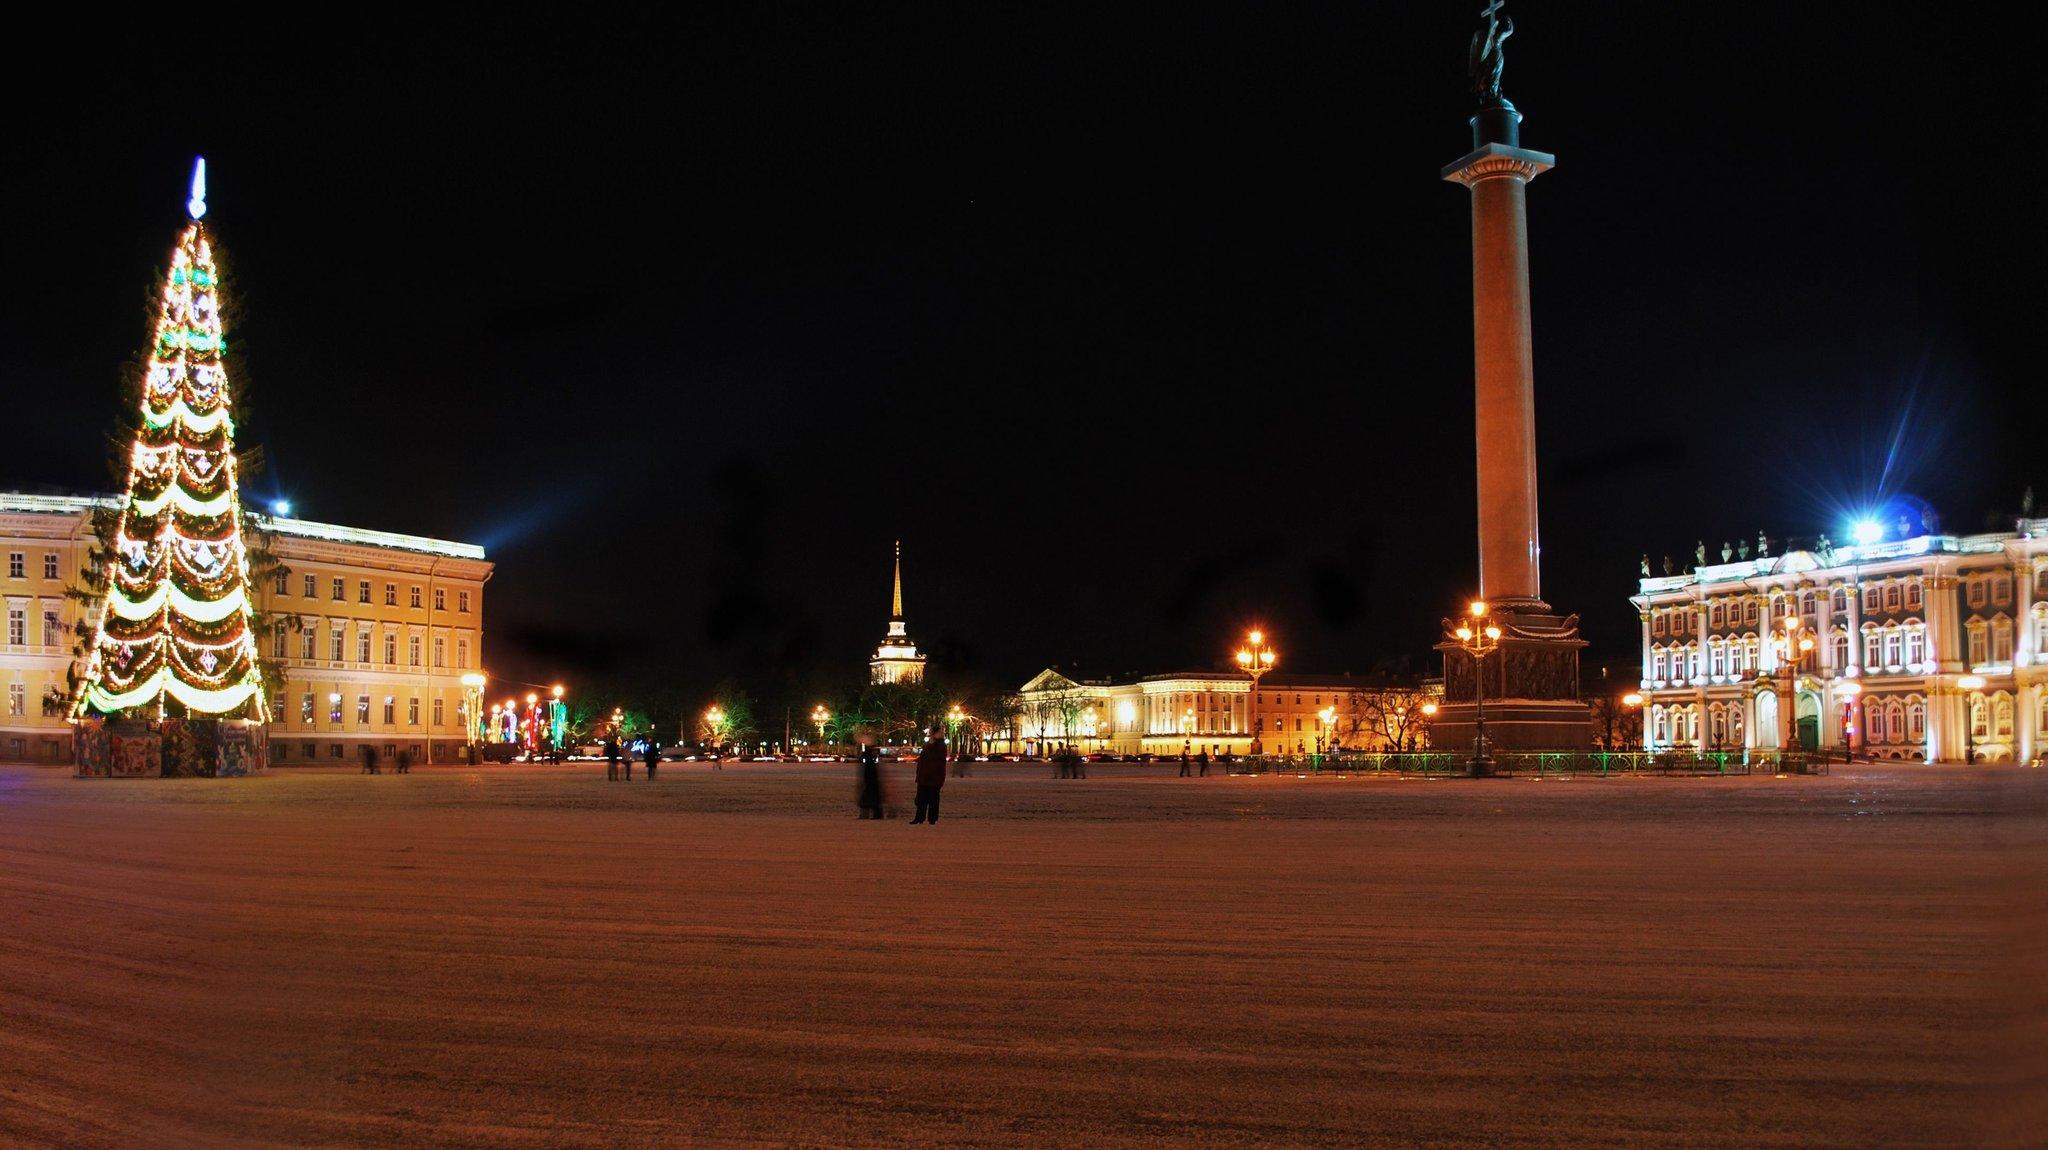 Уборка города после новогодней ночи должна будет закончиться к7 часам утра